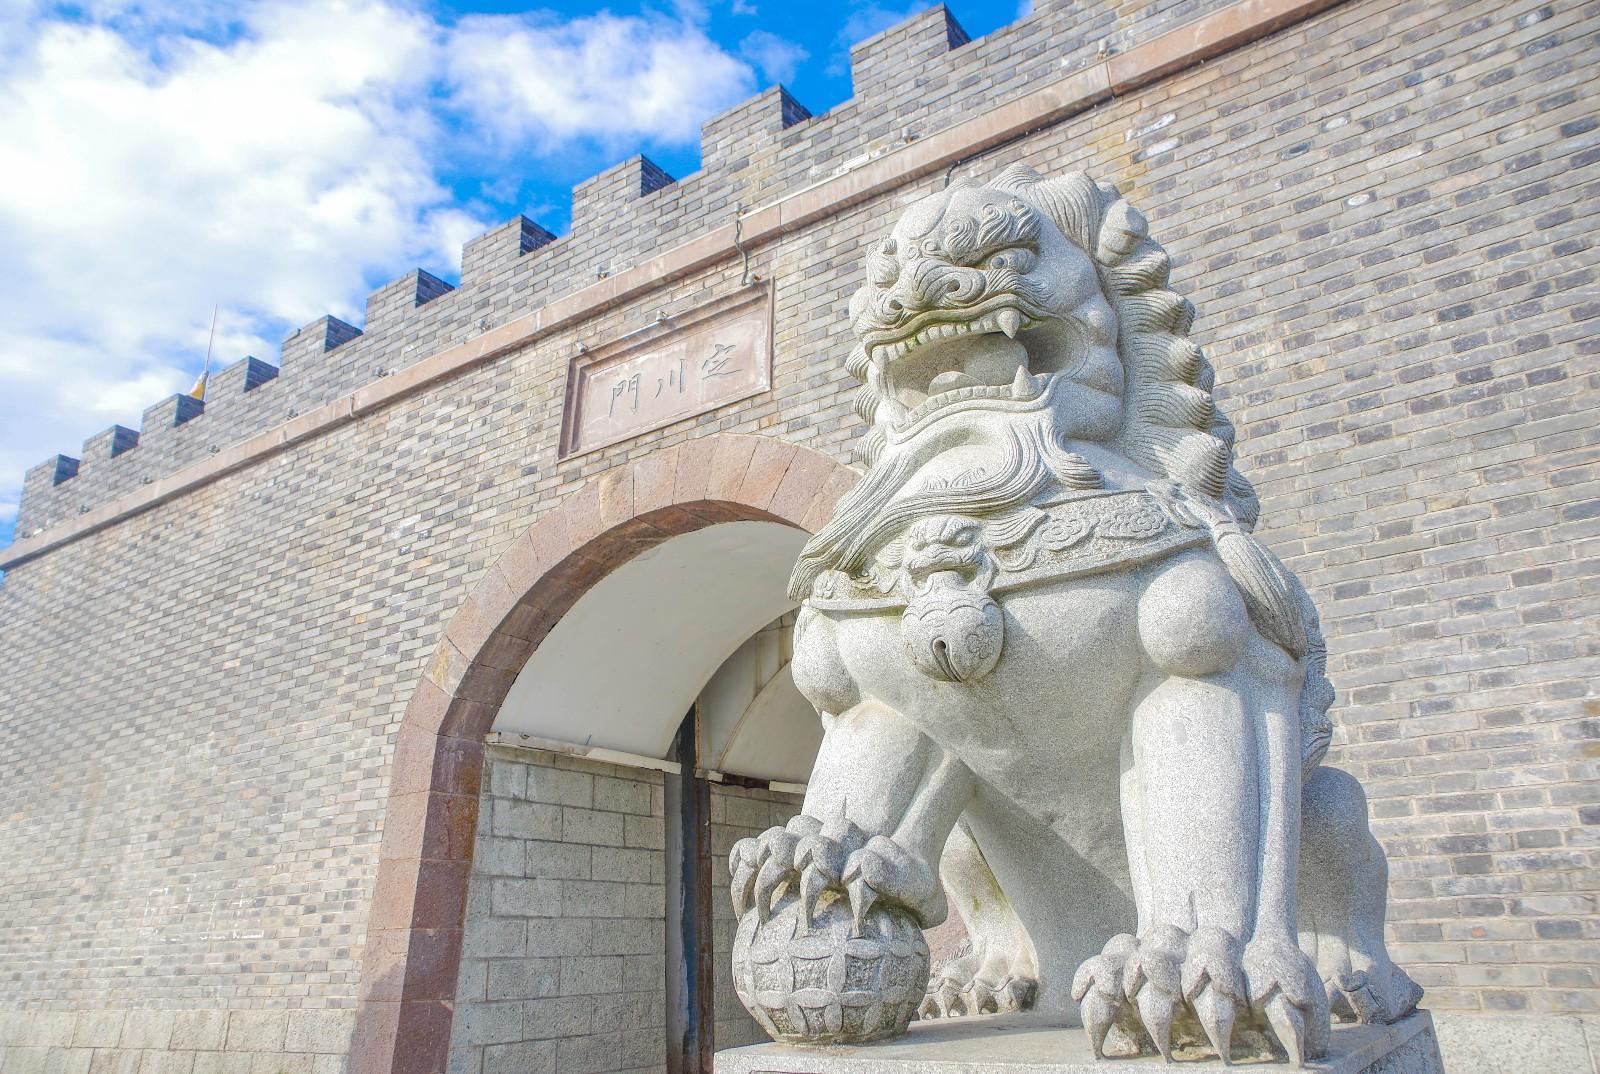 【新年轻度假】浙江一三江汇合处的古城,拥有1700年历史,宋代被誉为潜龙所在地